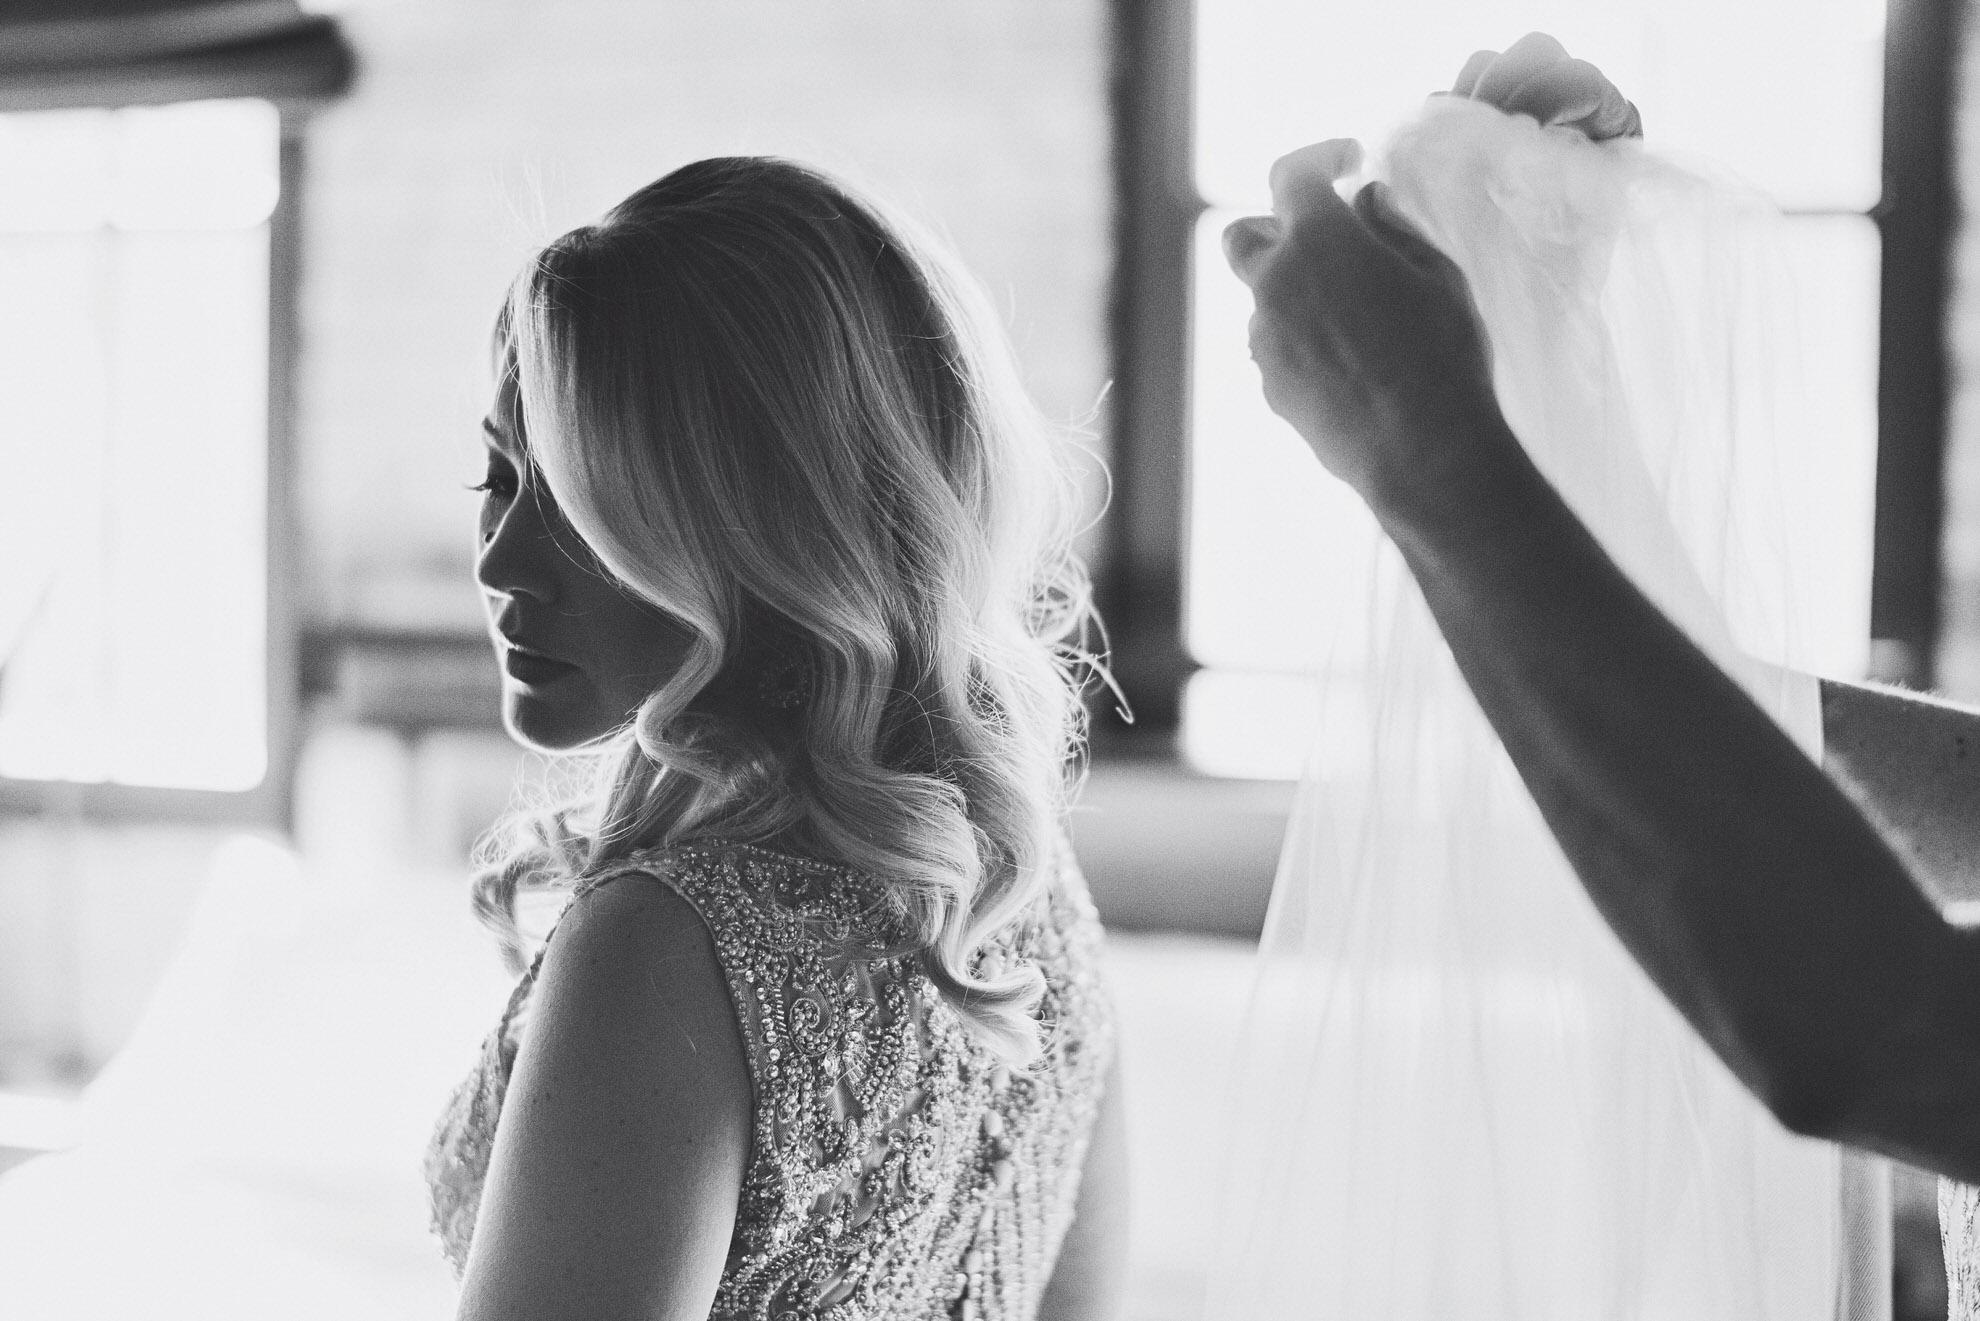 erika_Alex_wedding_by_lucas_botz_photography_0792.jpg